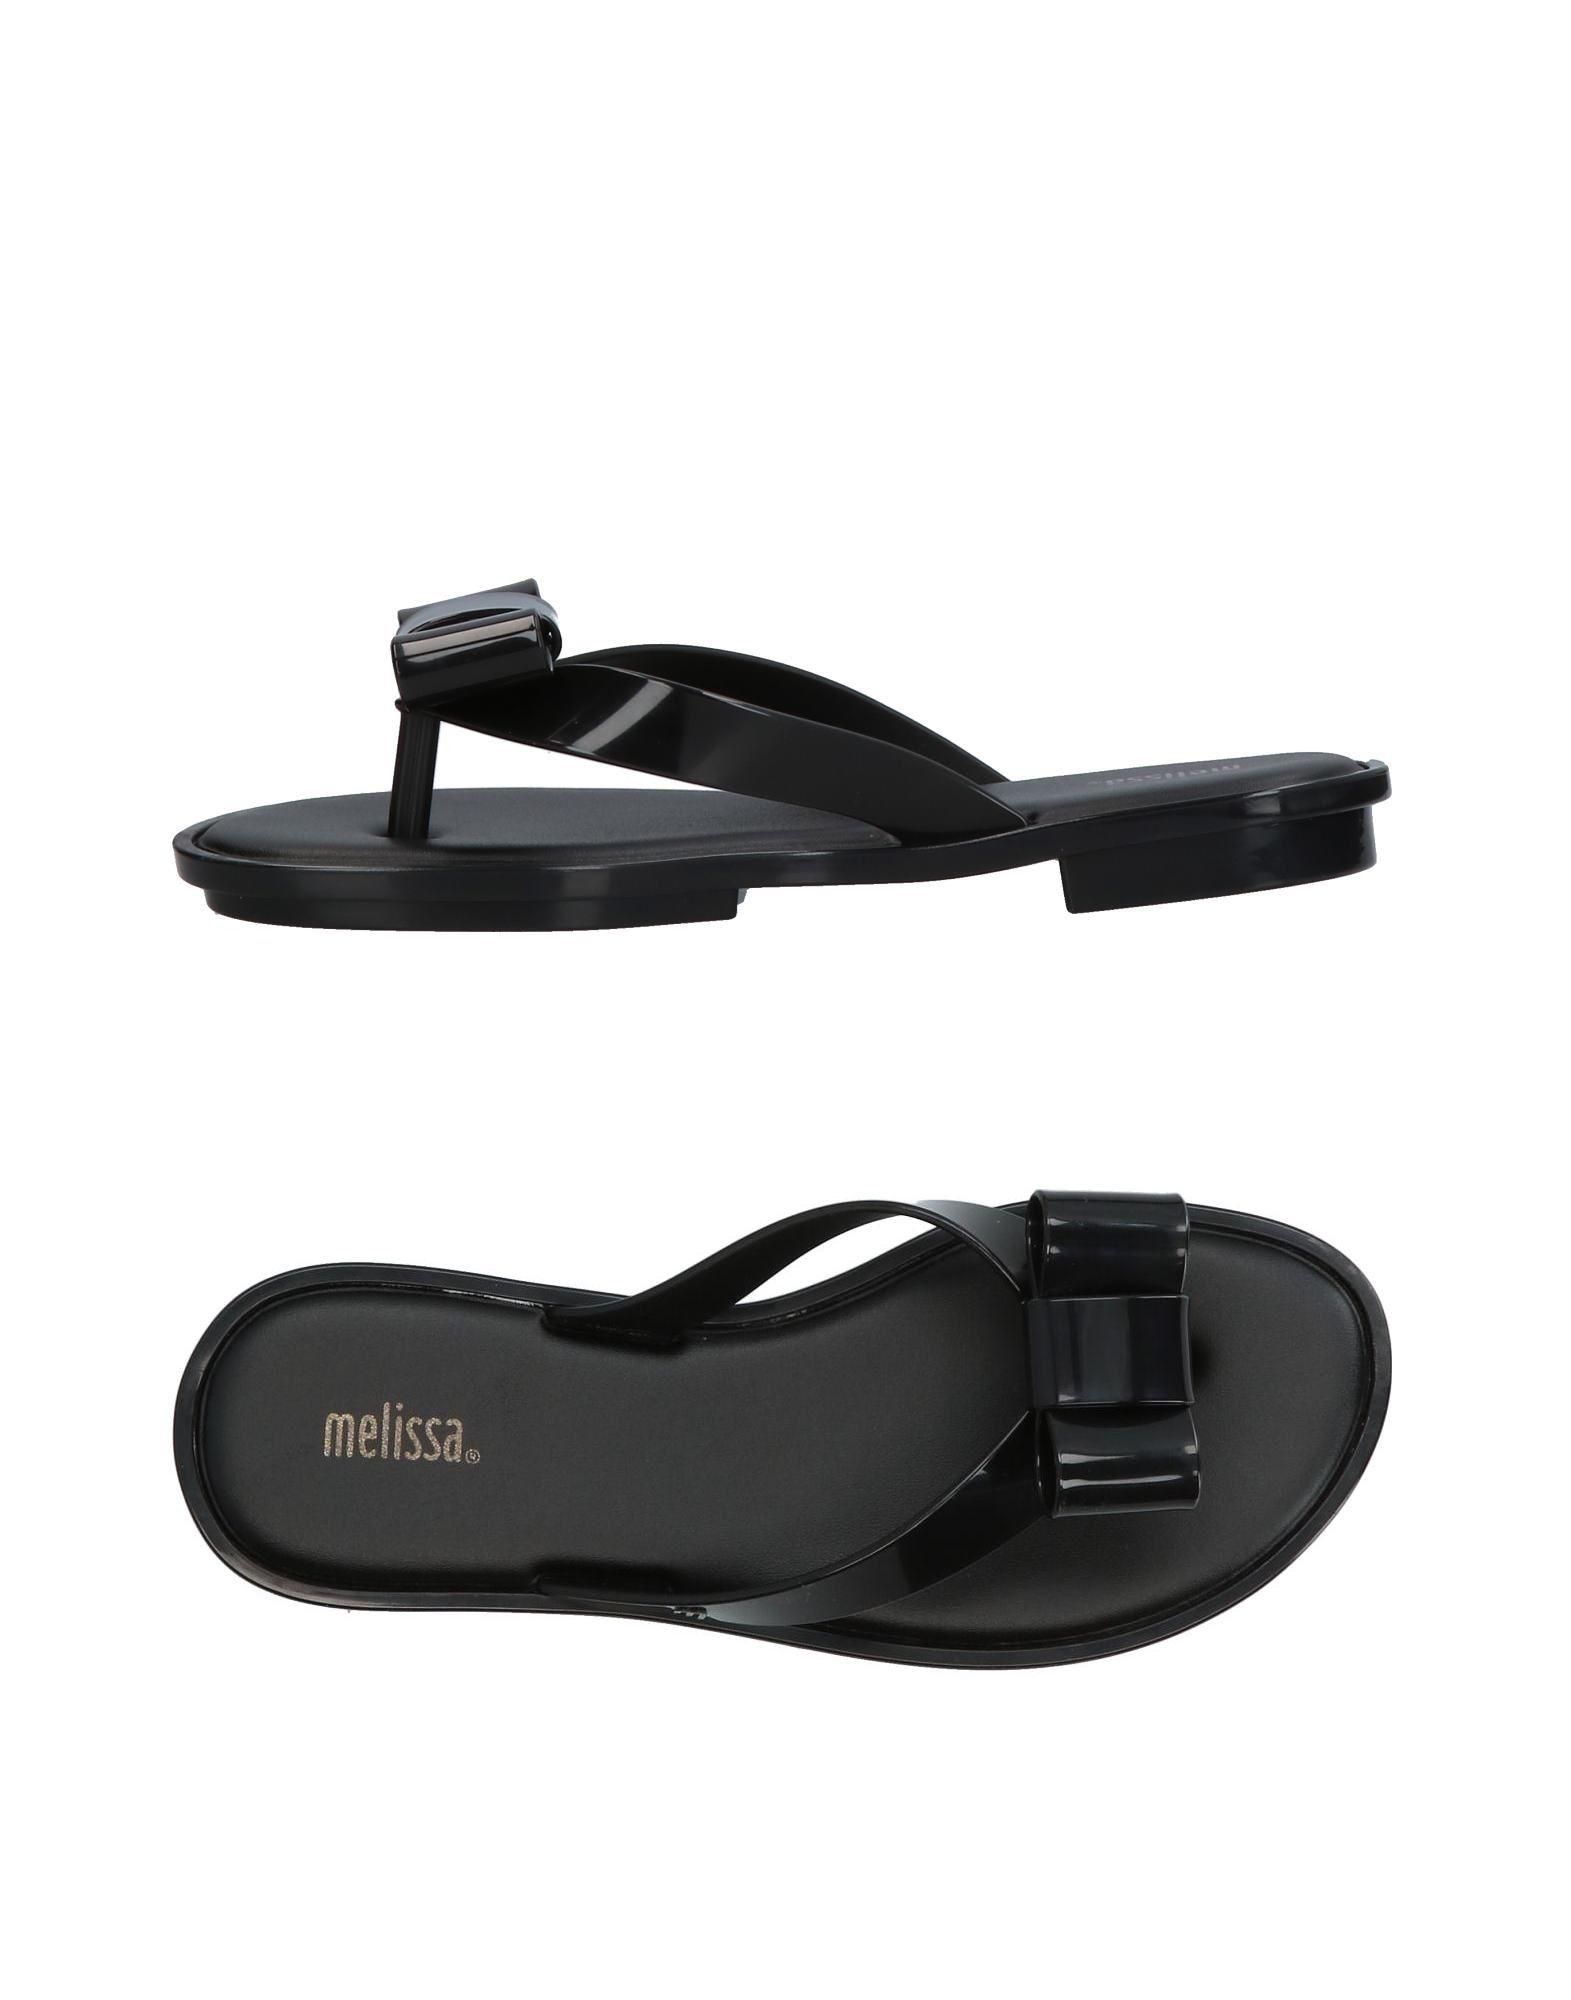 Melissa Dianetten Damen  11353328OG Gute Qualität beliebte Schuhe